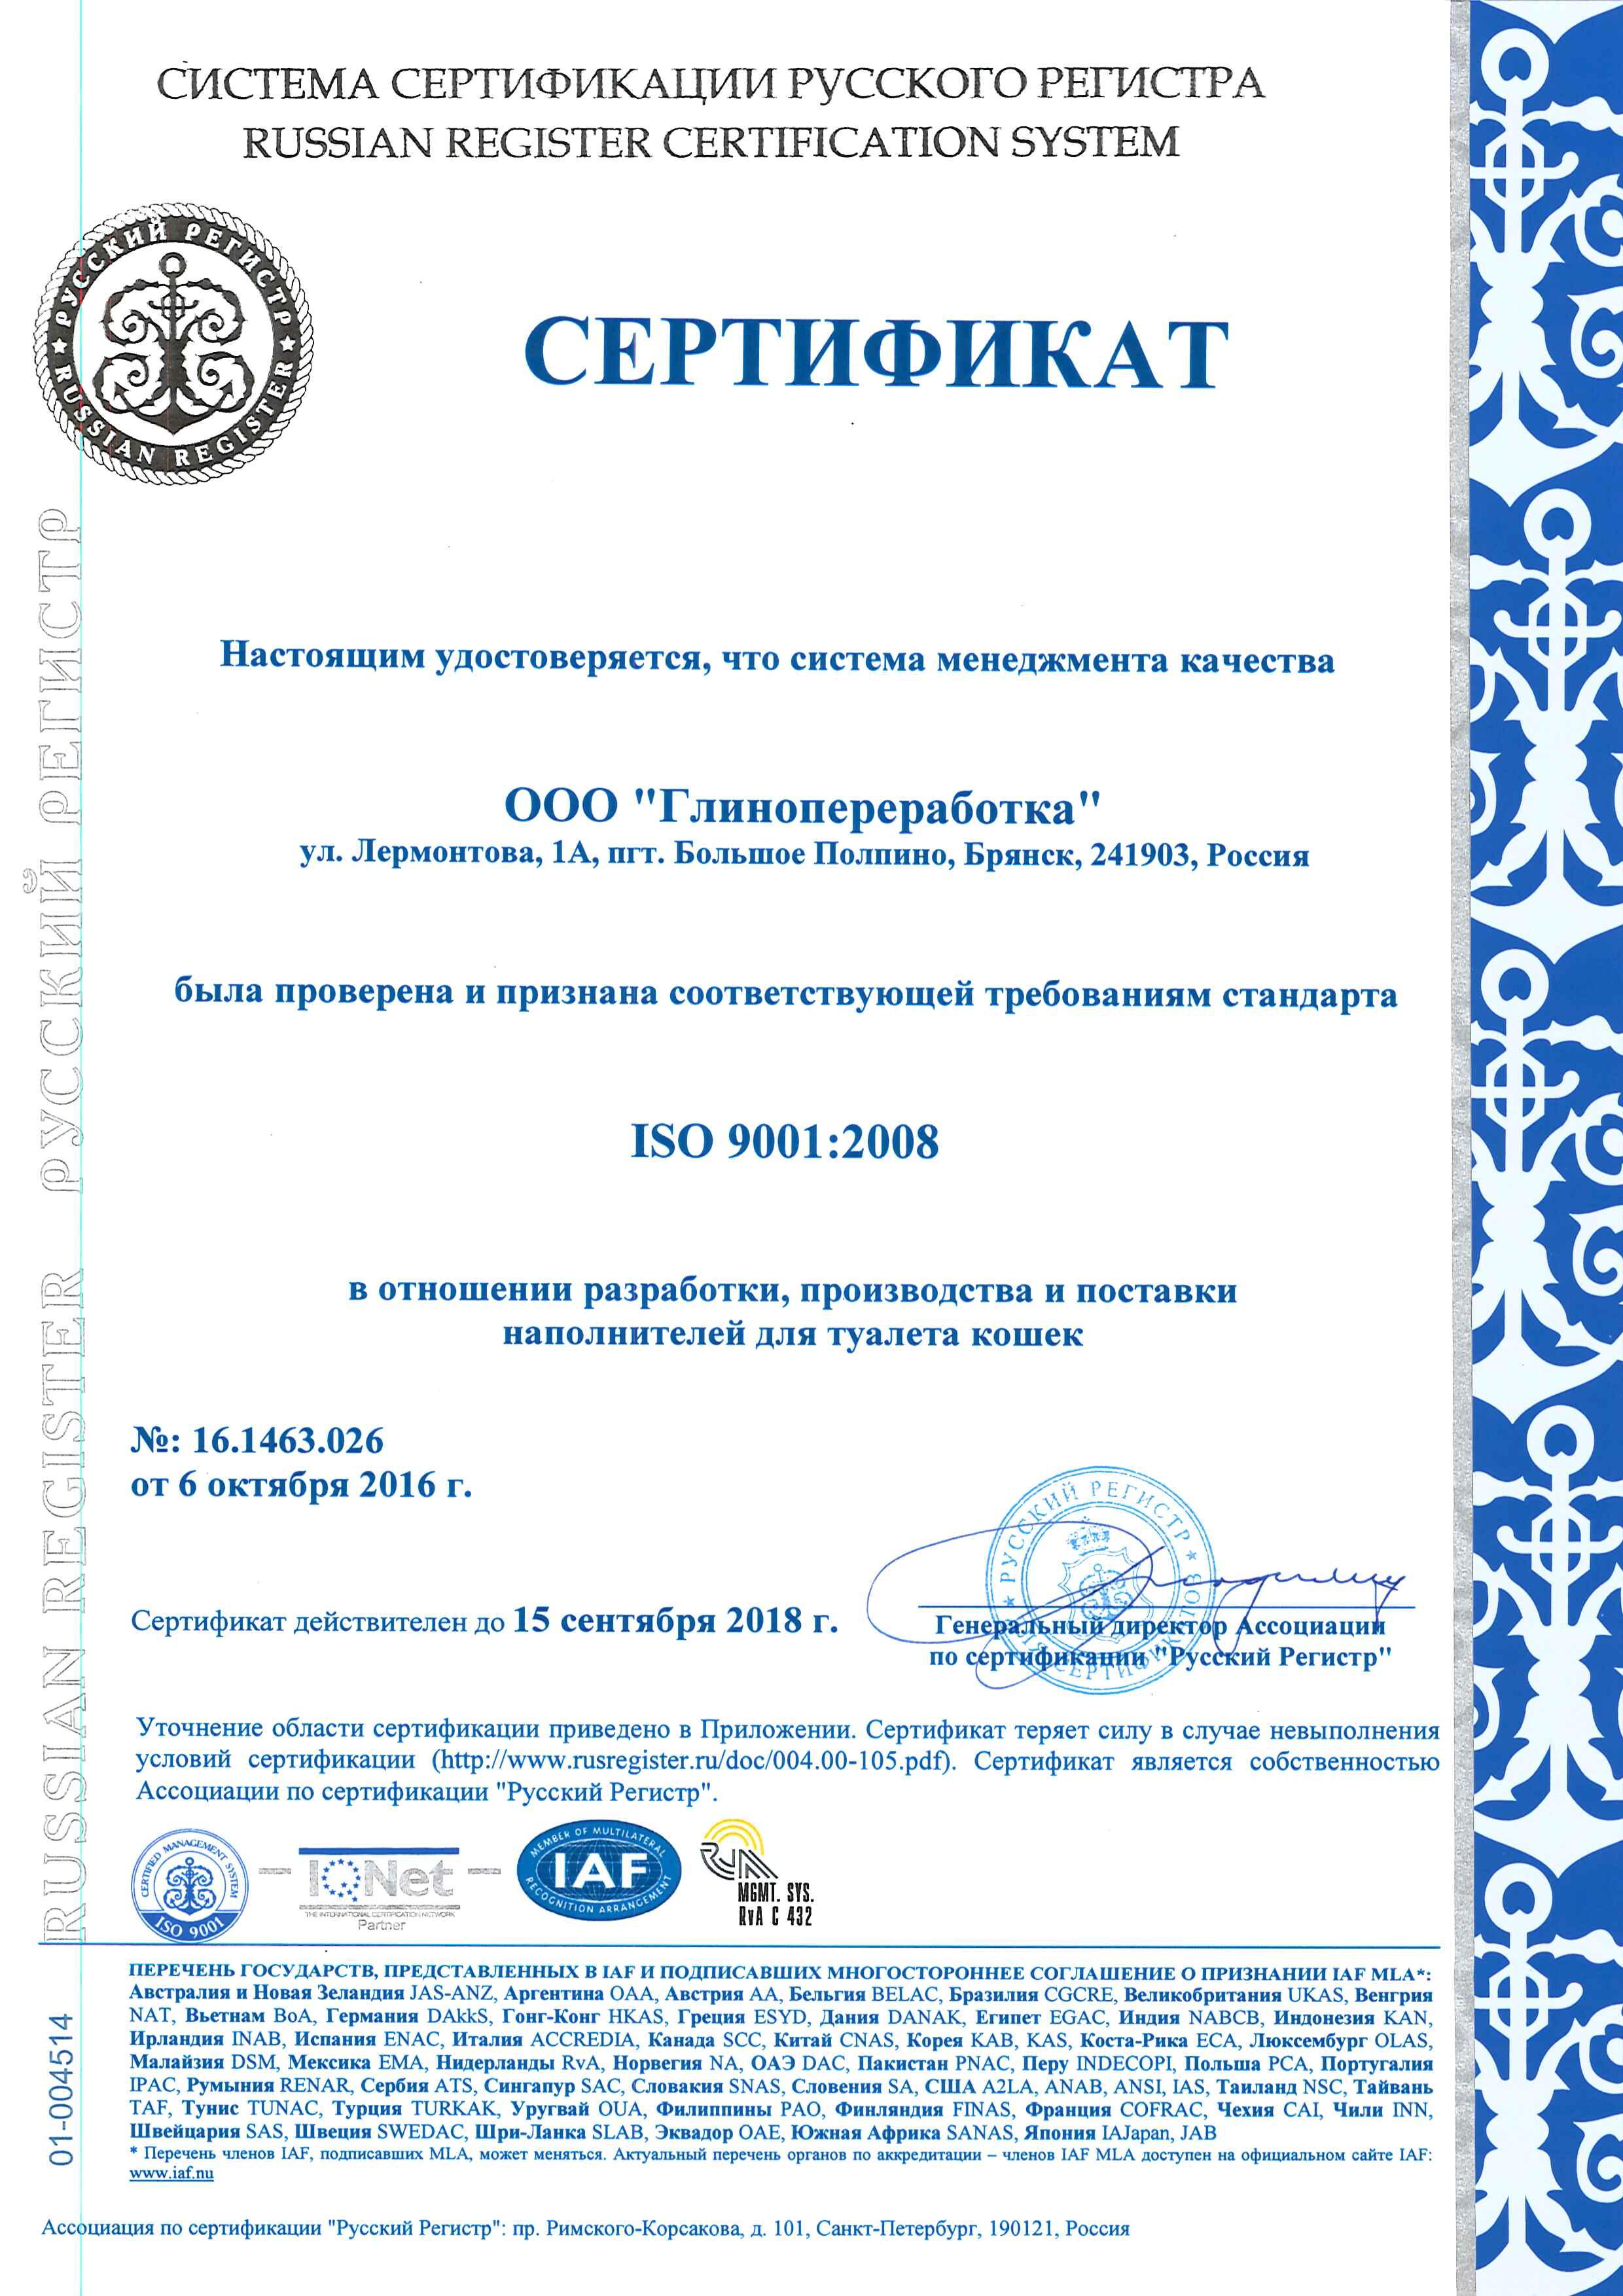 Ооо русский регистр - международная сертификация сертификация спецодежды по тр тс